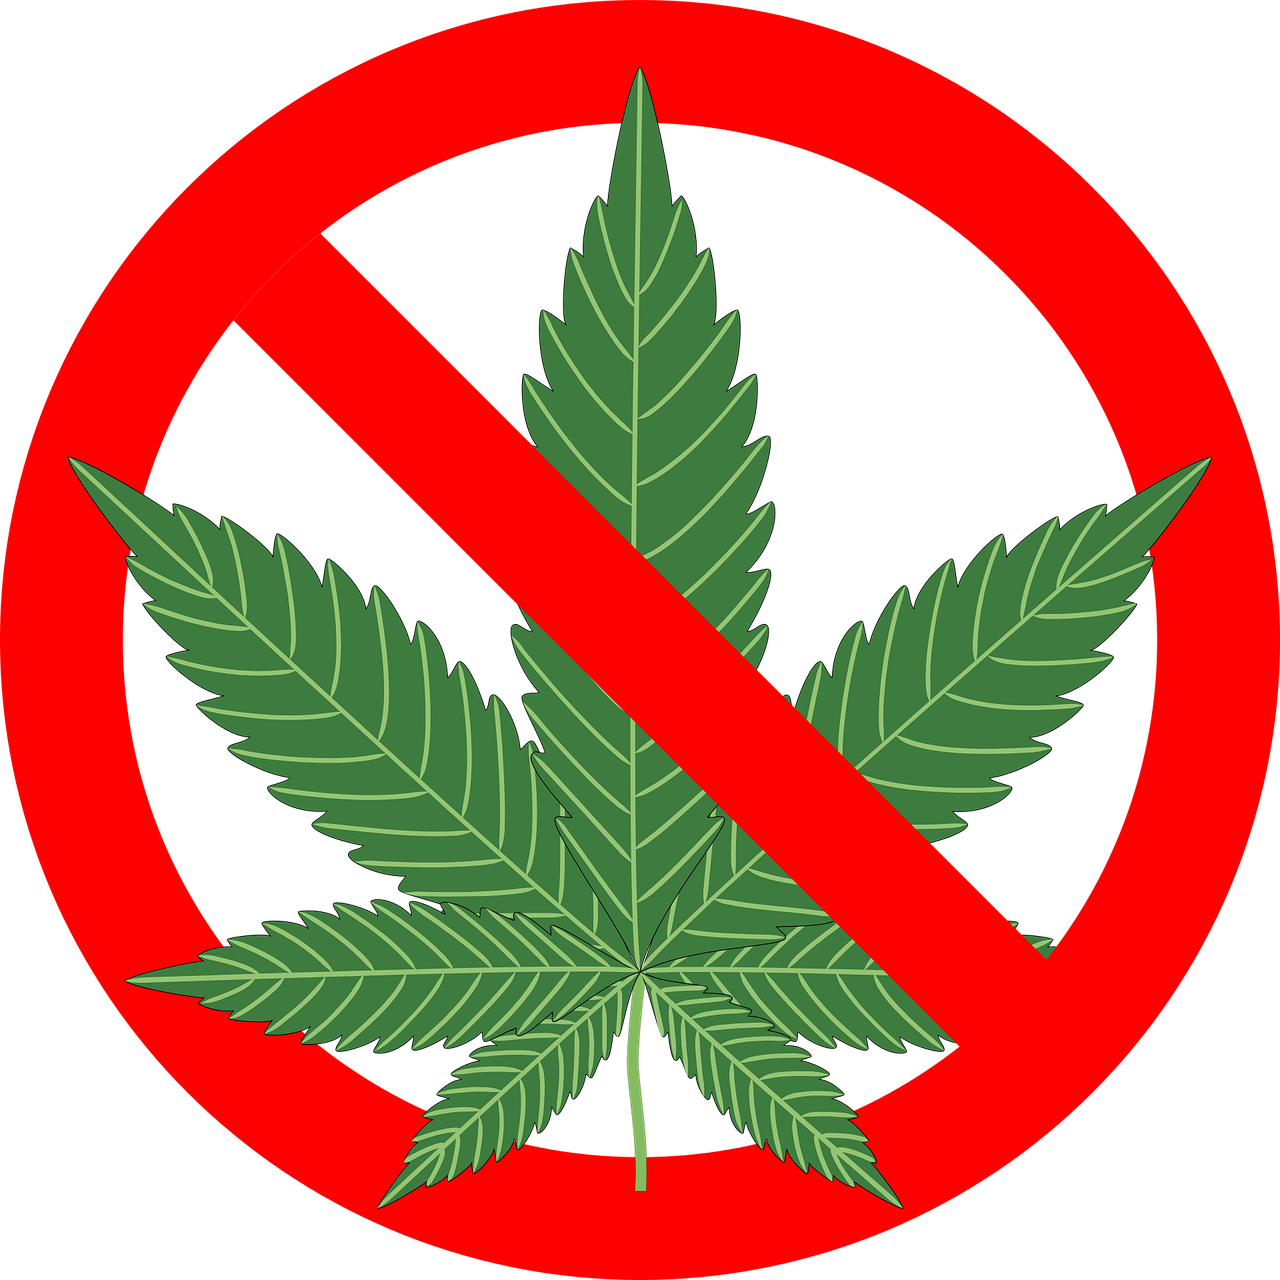 pixabay - no marijuana